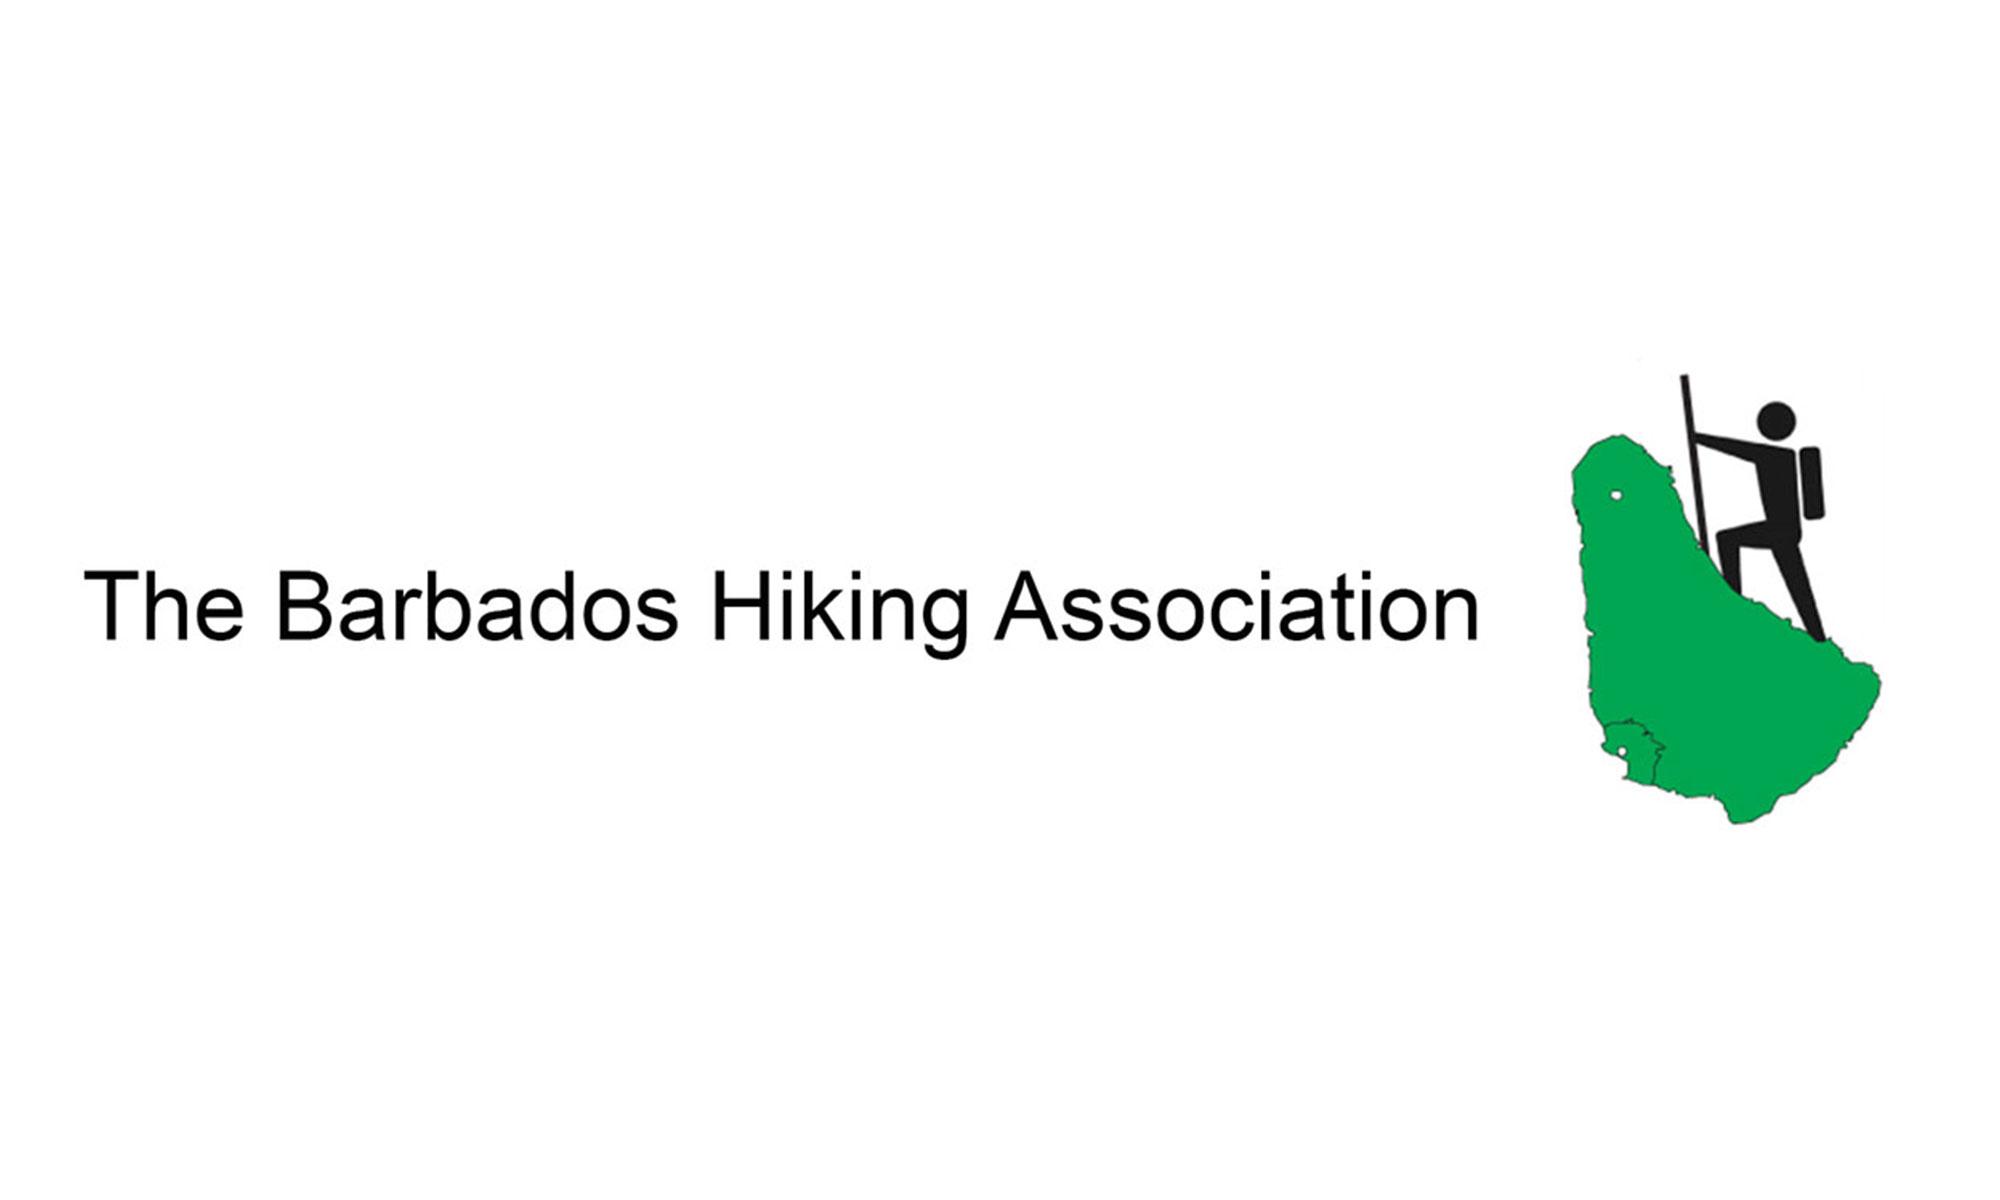 Hiking Barbados - Barbados Hiking Association 2018 Hiking Schedule